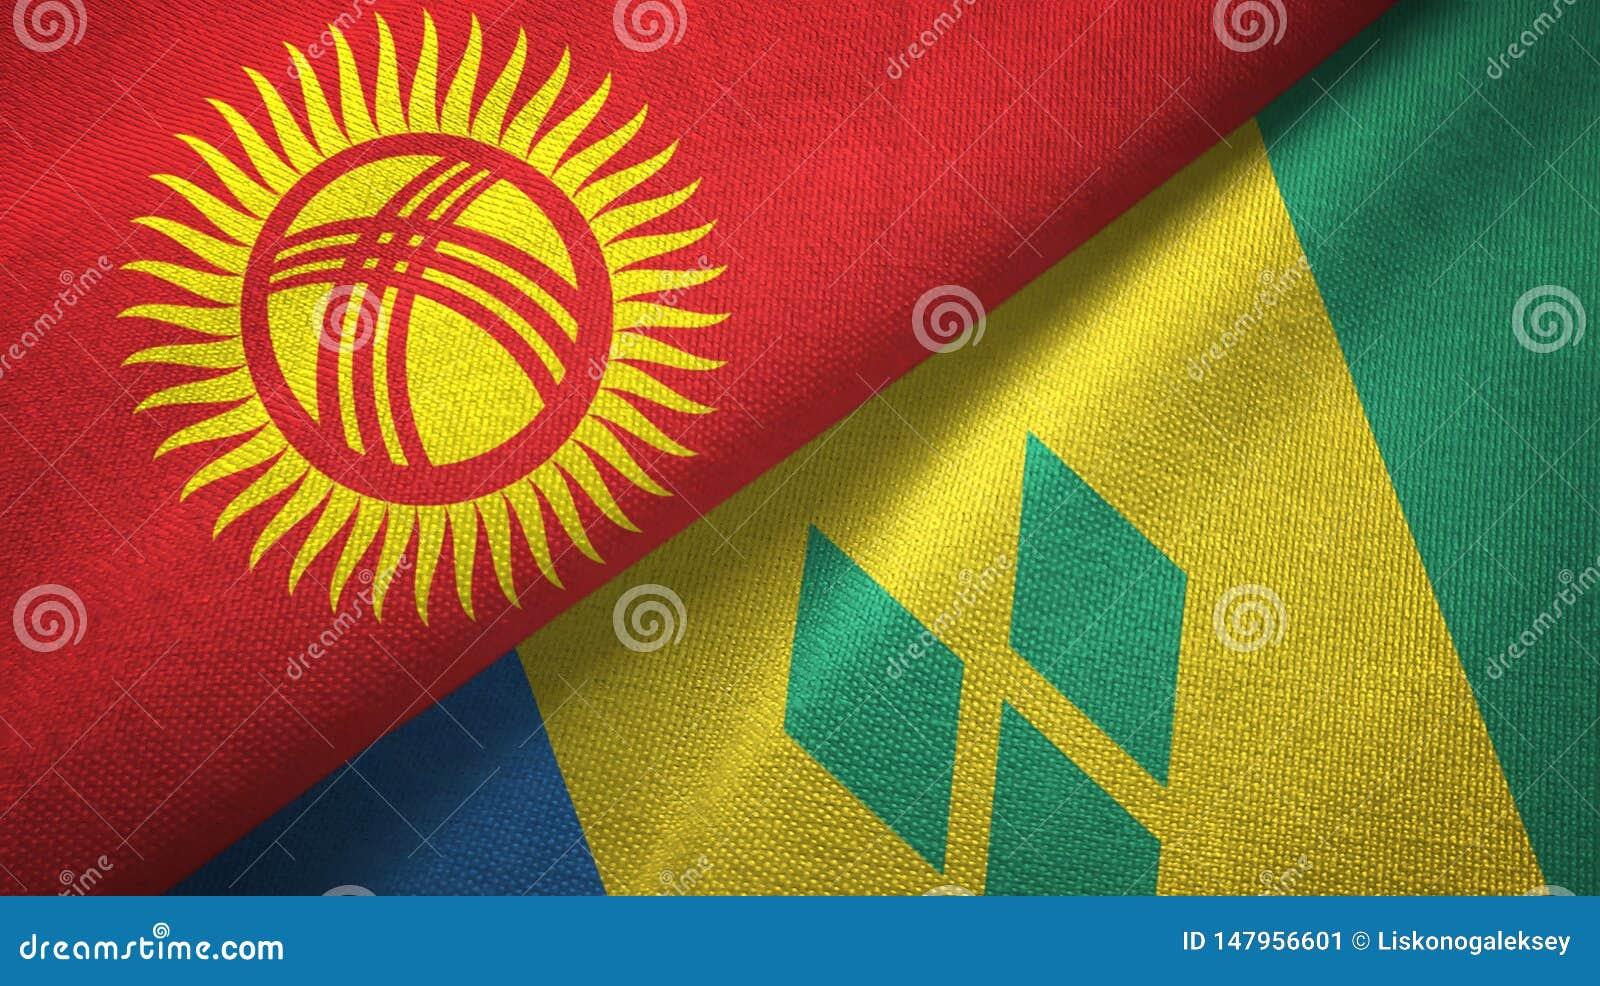 Κιργιστάν και Άγιος Βικέντιος και Γρεναδίνες δύο υφαντικό ύφασμα σημαιών